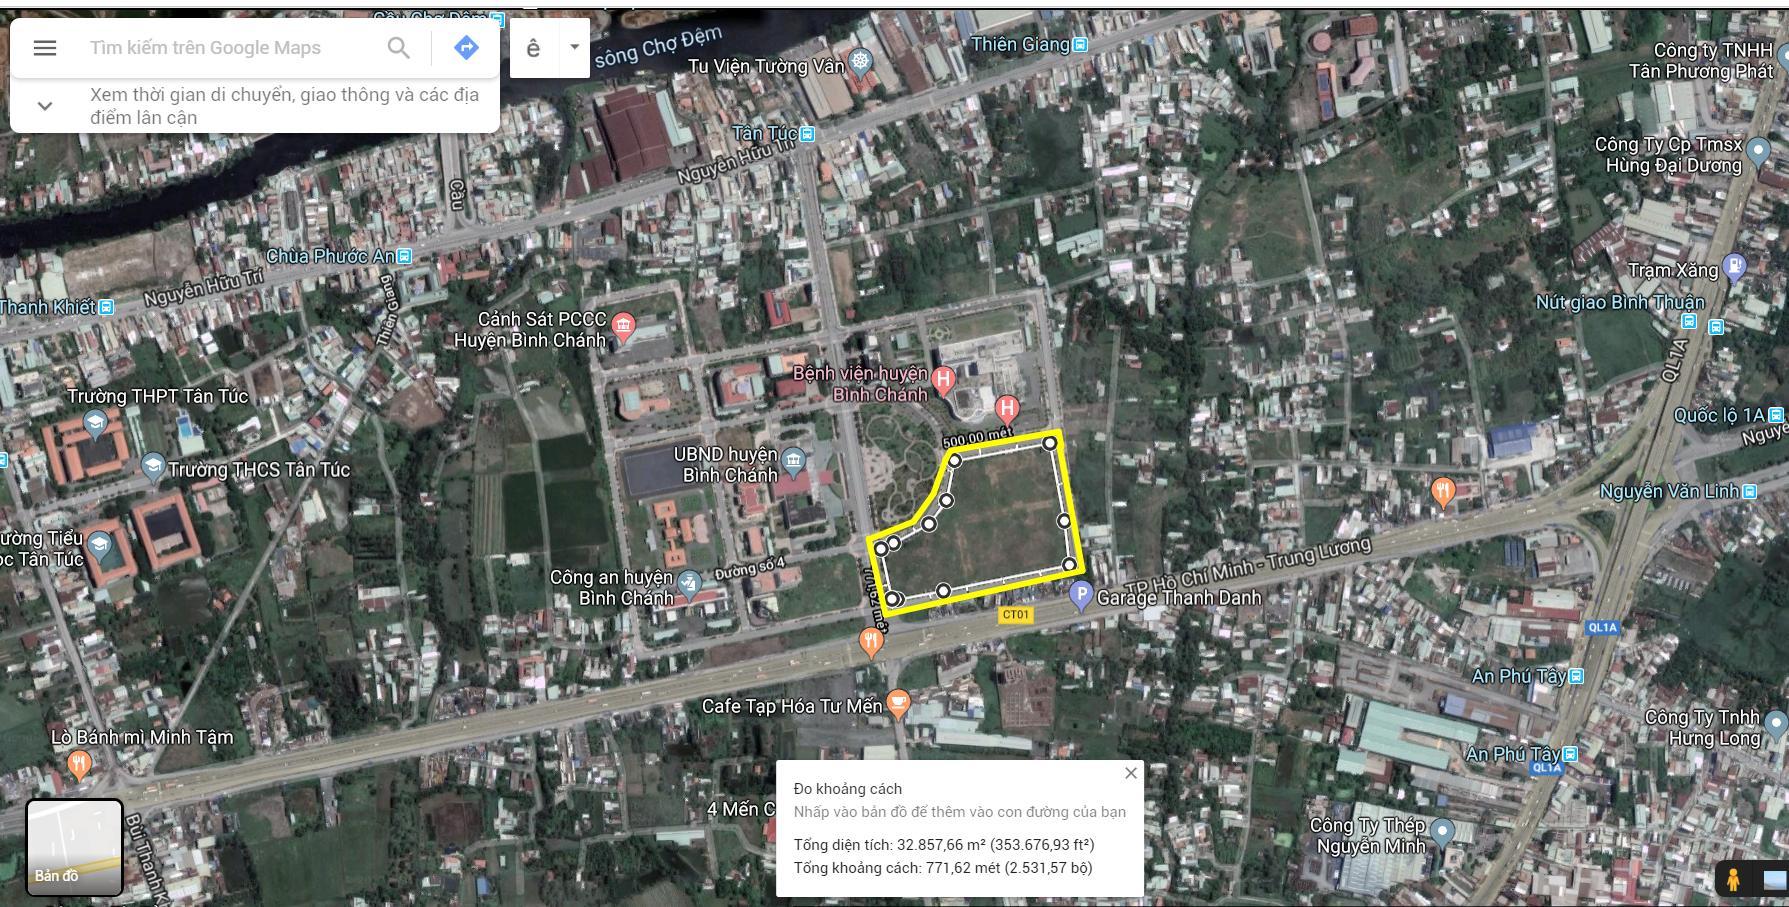 Vị trí địa chỉ dự án căn hộ chung cư West Gate Park Bình Chánh